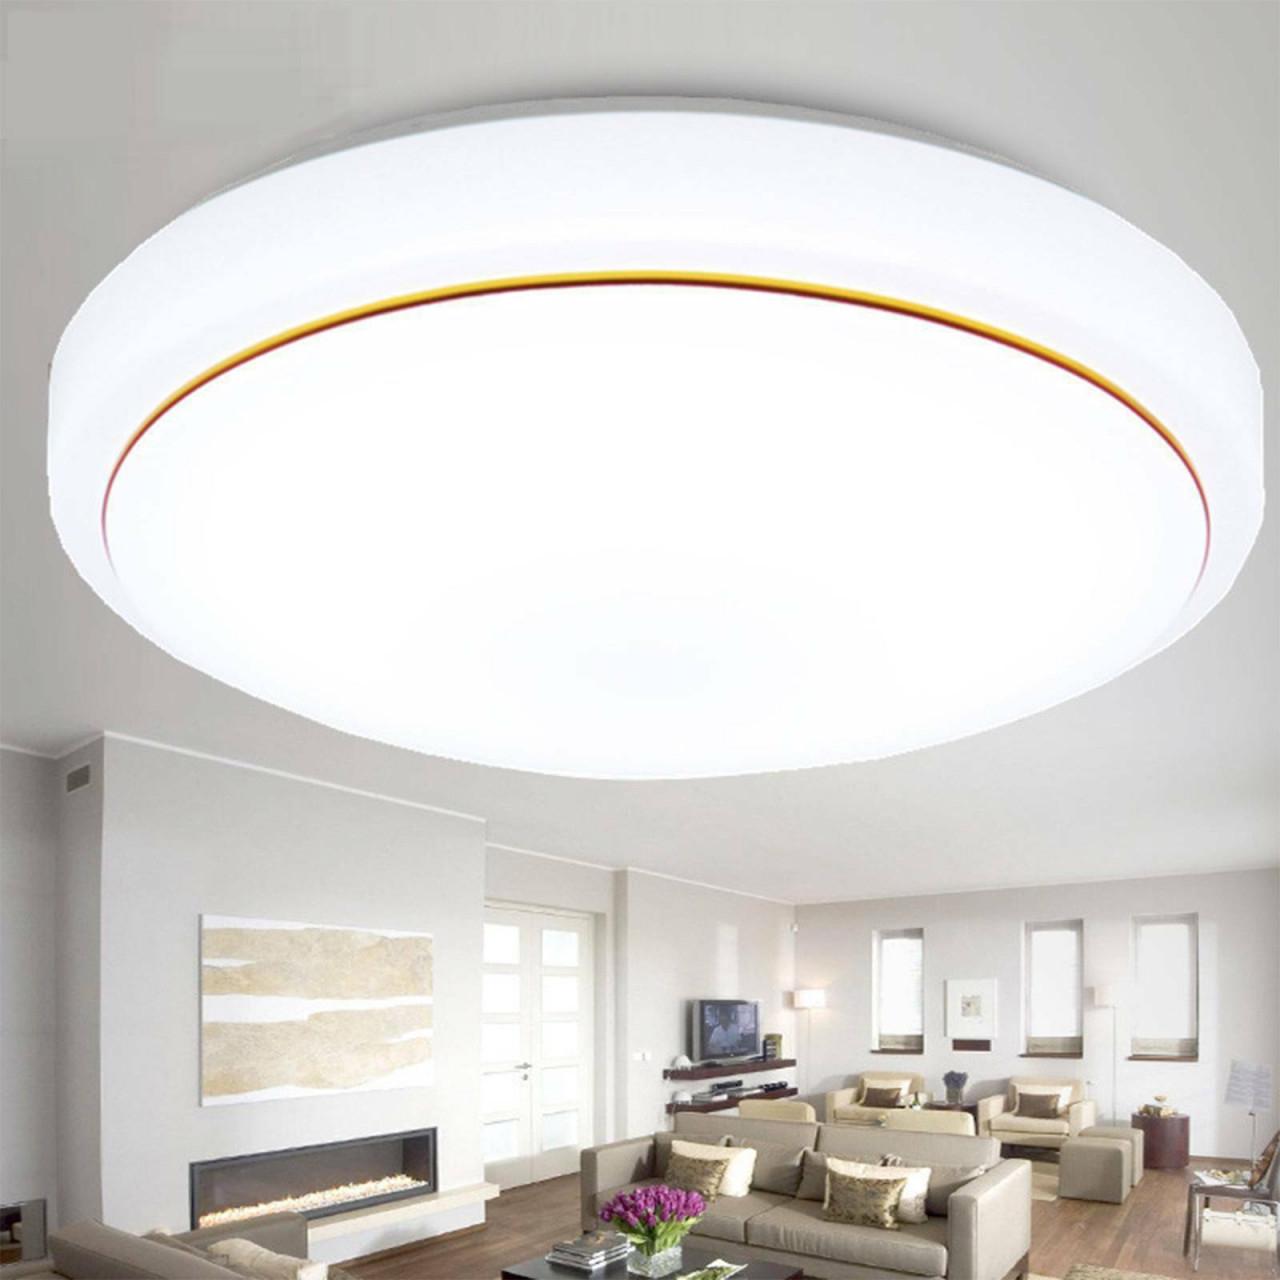 36W Led Deckenlampe Deckenleuchte Wohnzimmer Küchen Lampe Küche 40Cm Runde  Licht von Led Wohnzimmer Deckenleuchte Photo